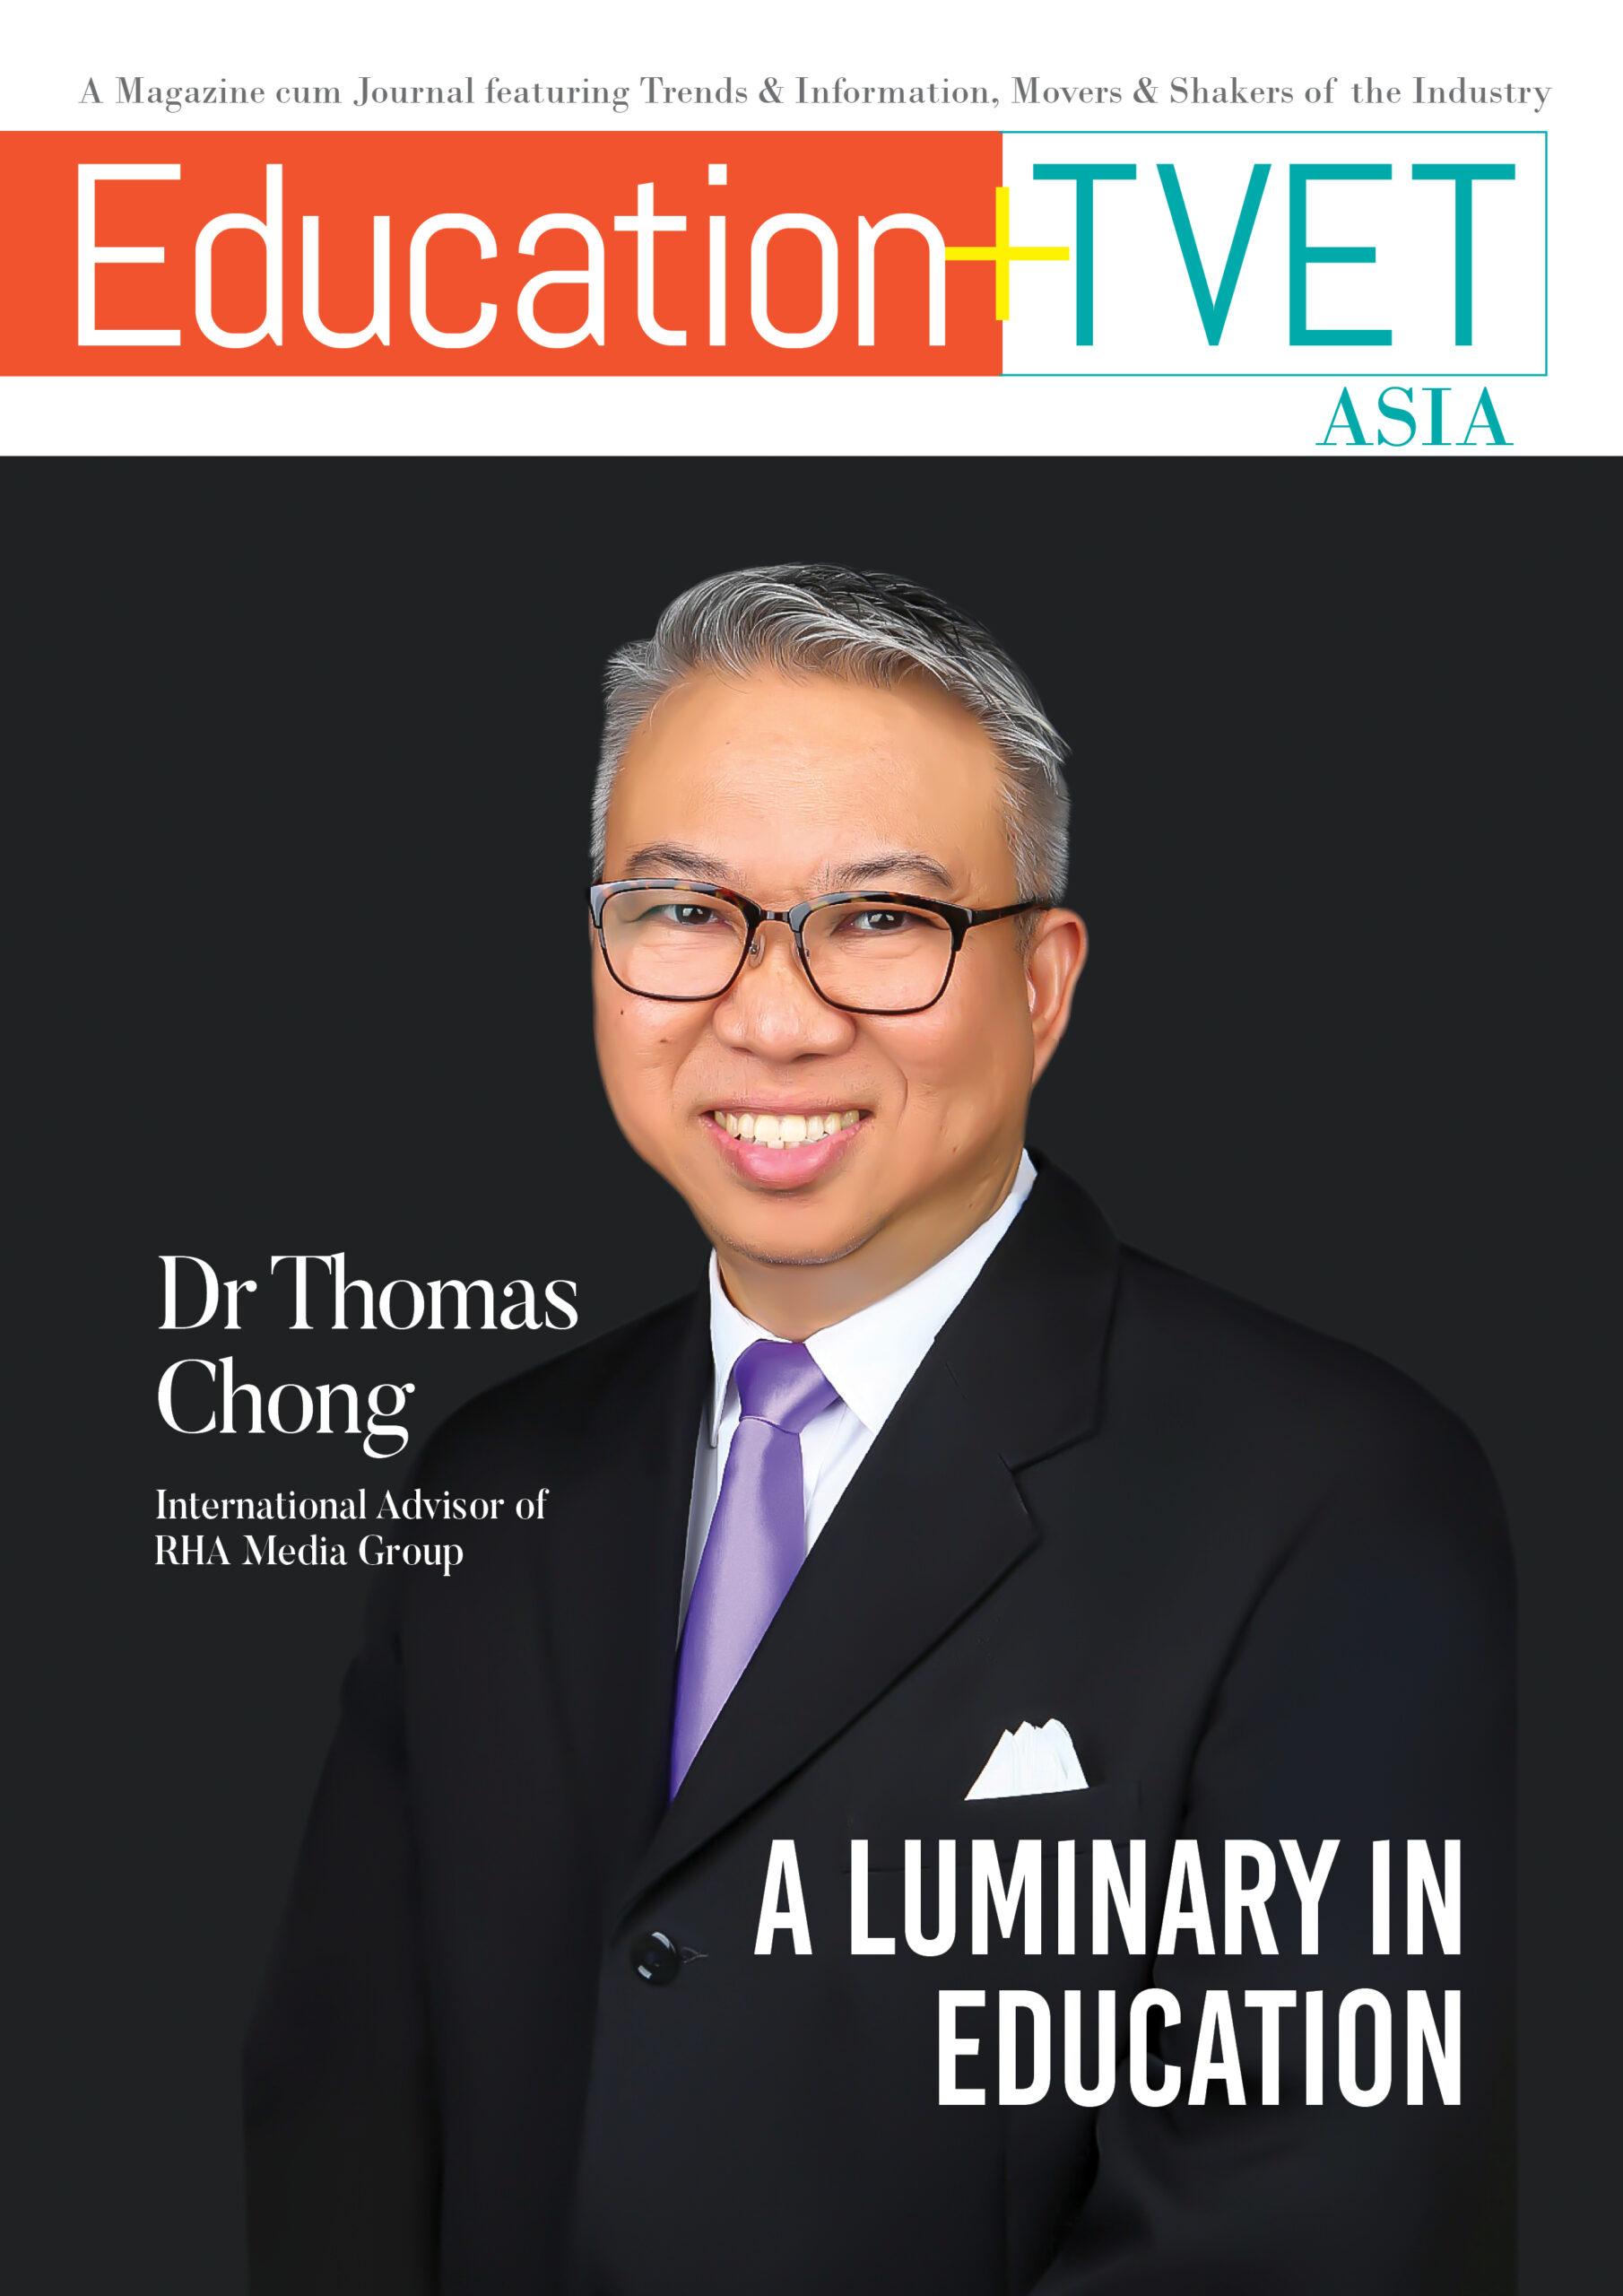 Dr Thomas Chong